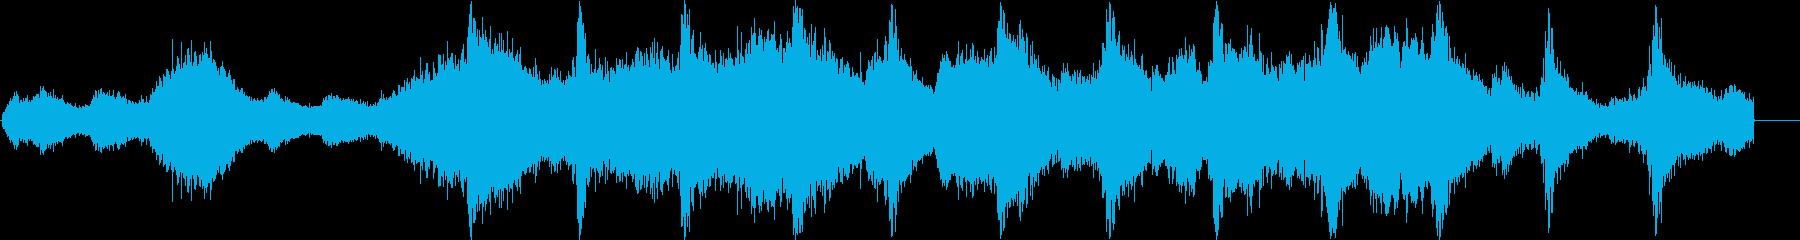 テクスチャを予感させる、これはうだ...の再生済みの波形